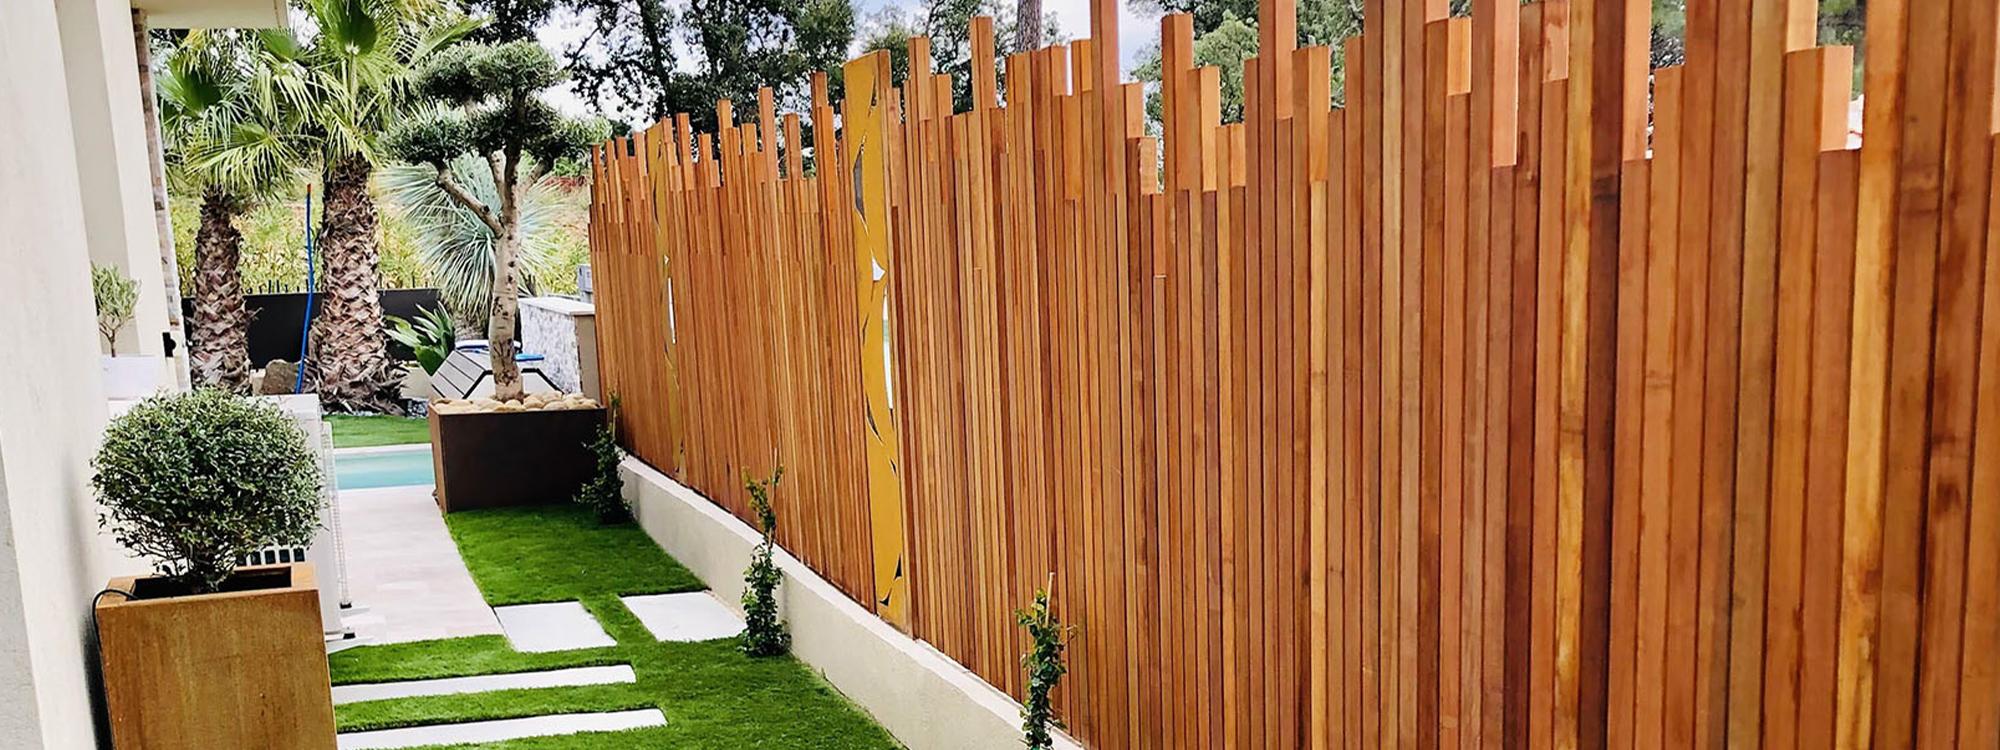 Entretien de jardin sainte maxime d broussaillage for Debroussaillage jardin